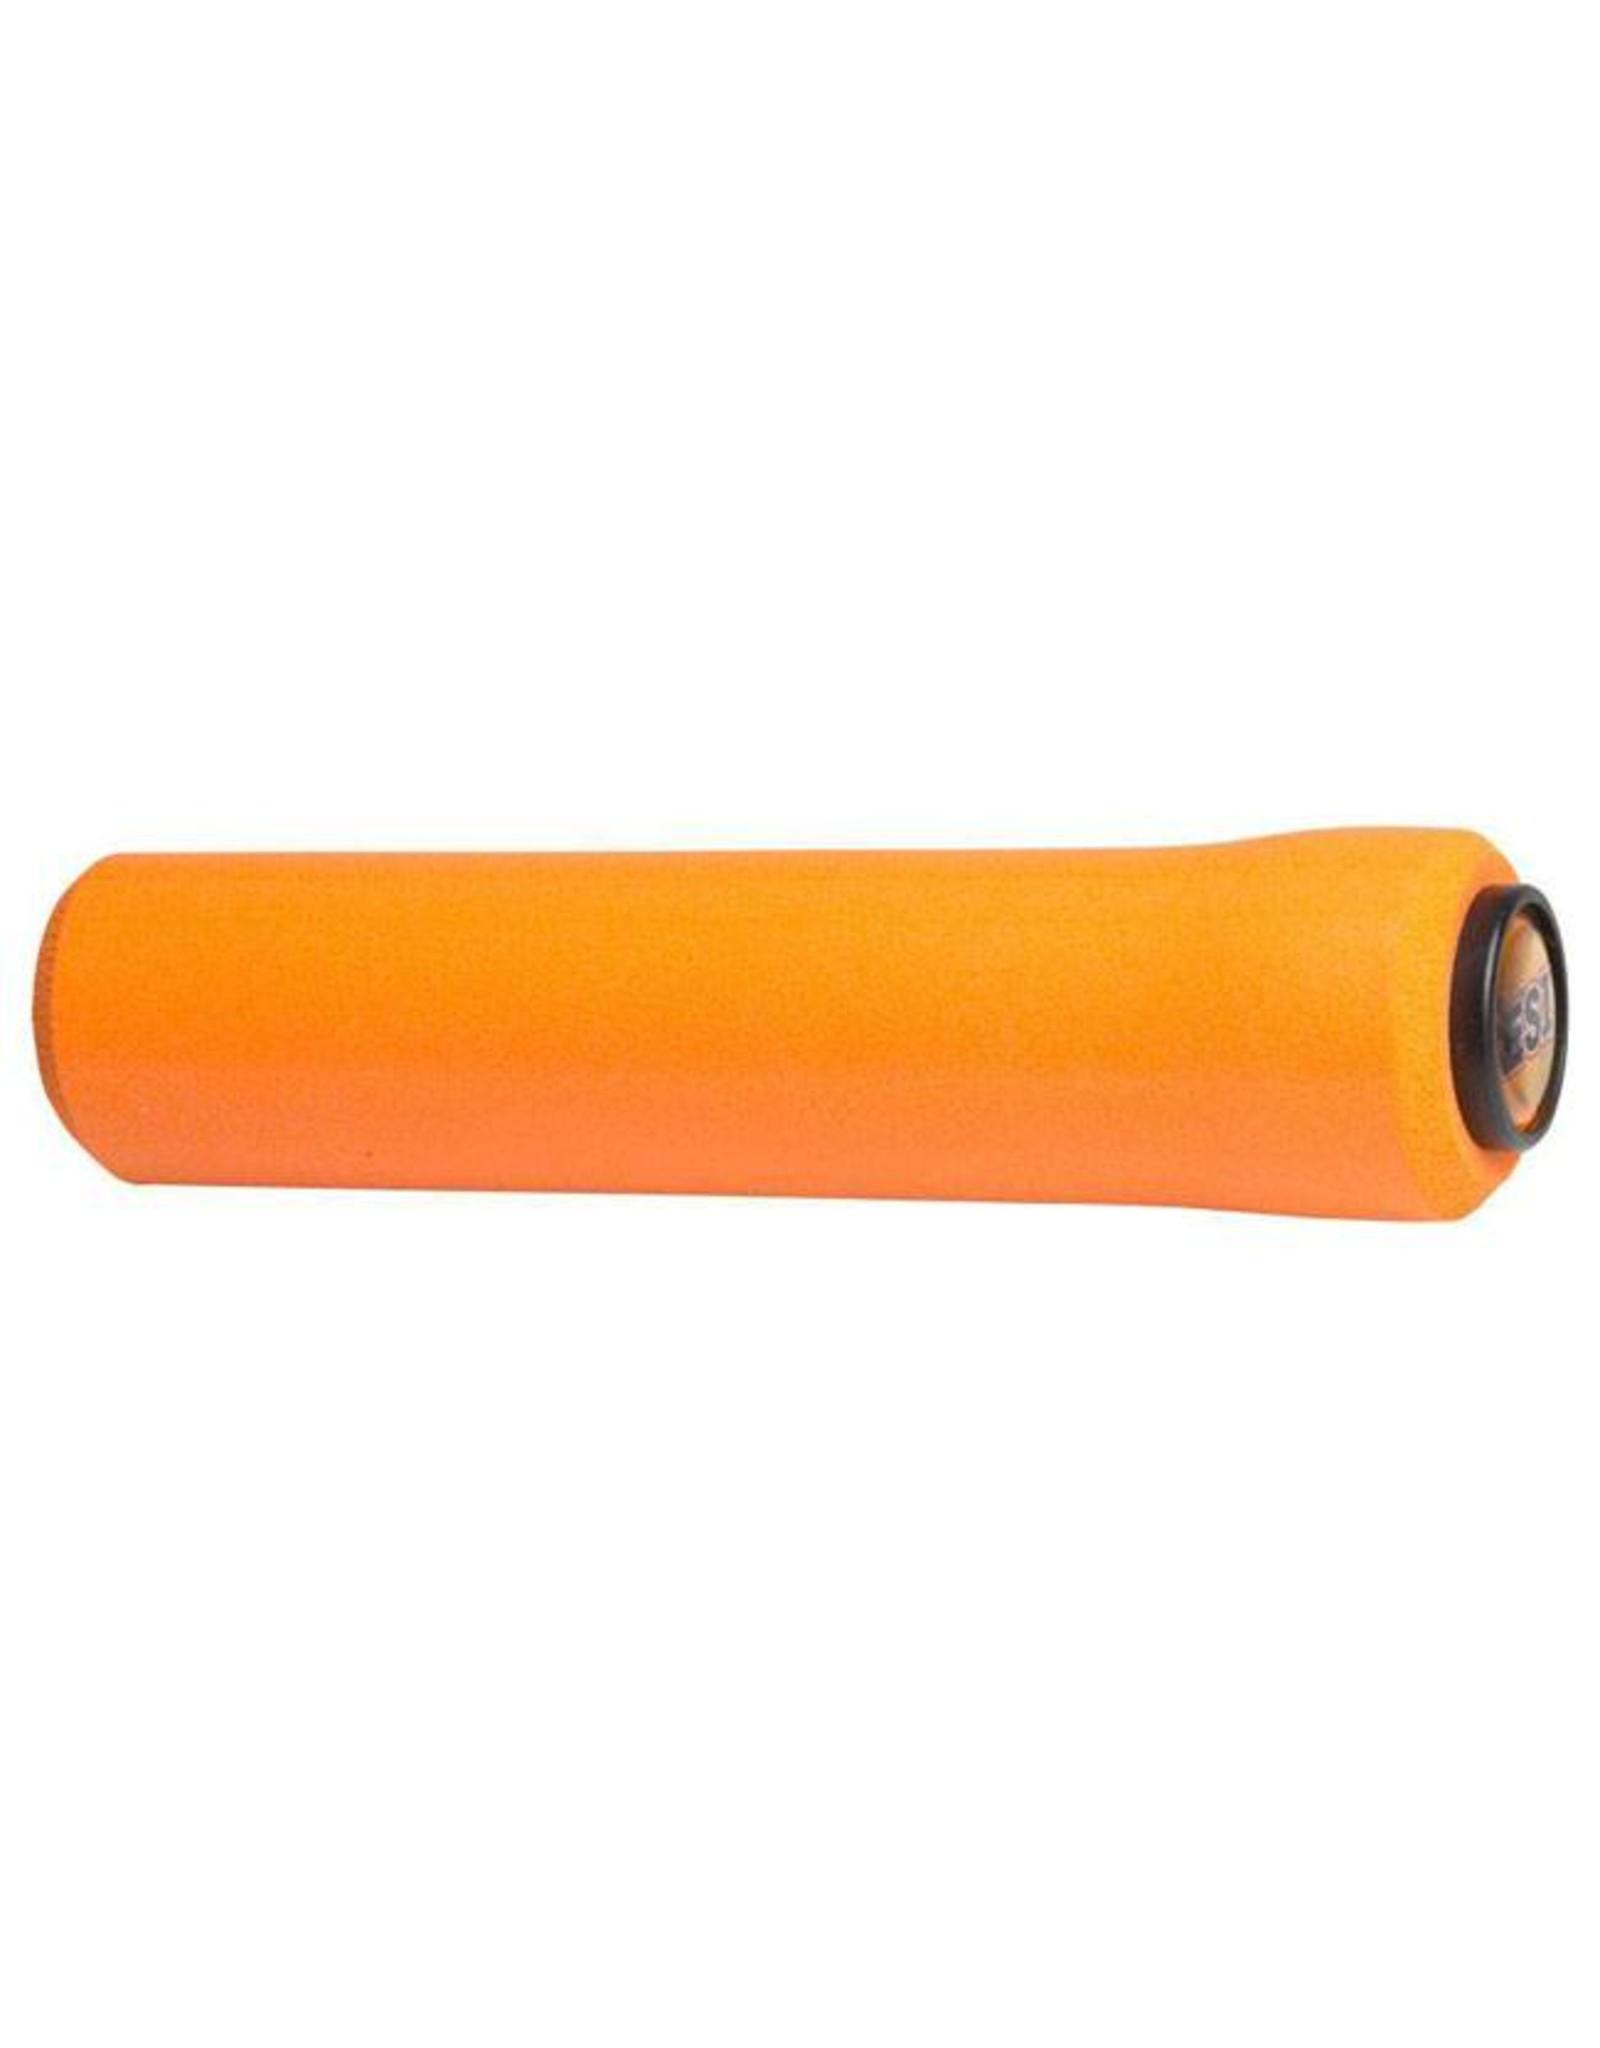 ESI ESI 34mm Extra Chunky Silicone Grips: Orange